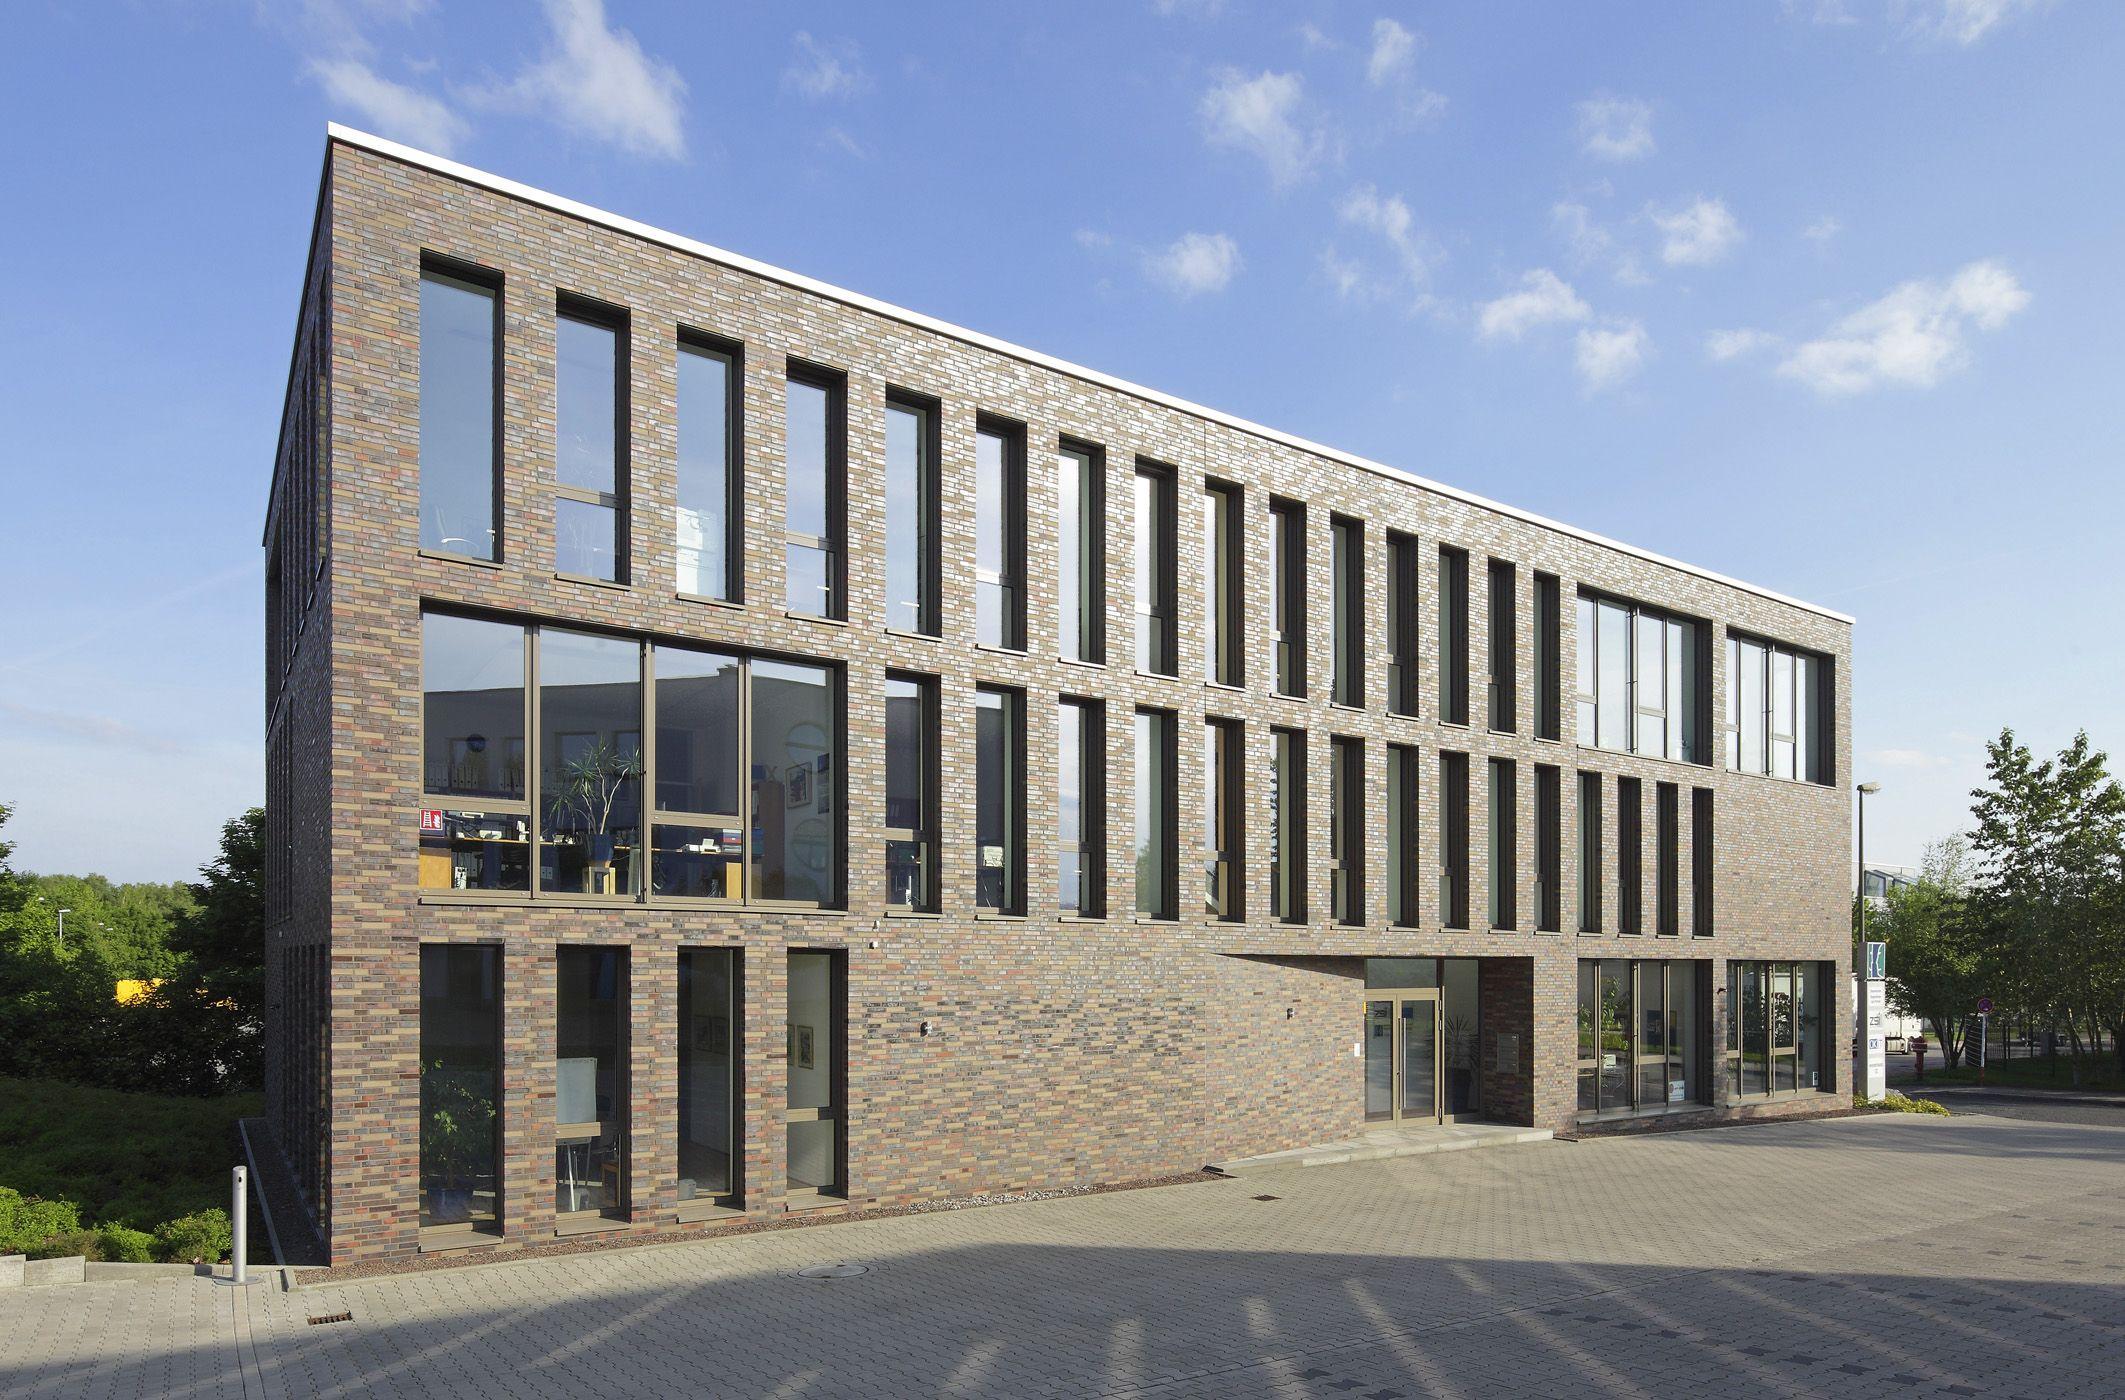 Fassade bürogebäude  Bürogebäude Dortmund | Referenzen | Fassaden-Projekte | Klinkerwerk ...